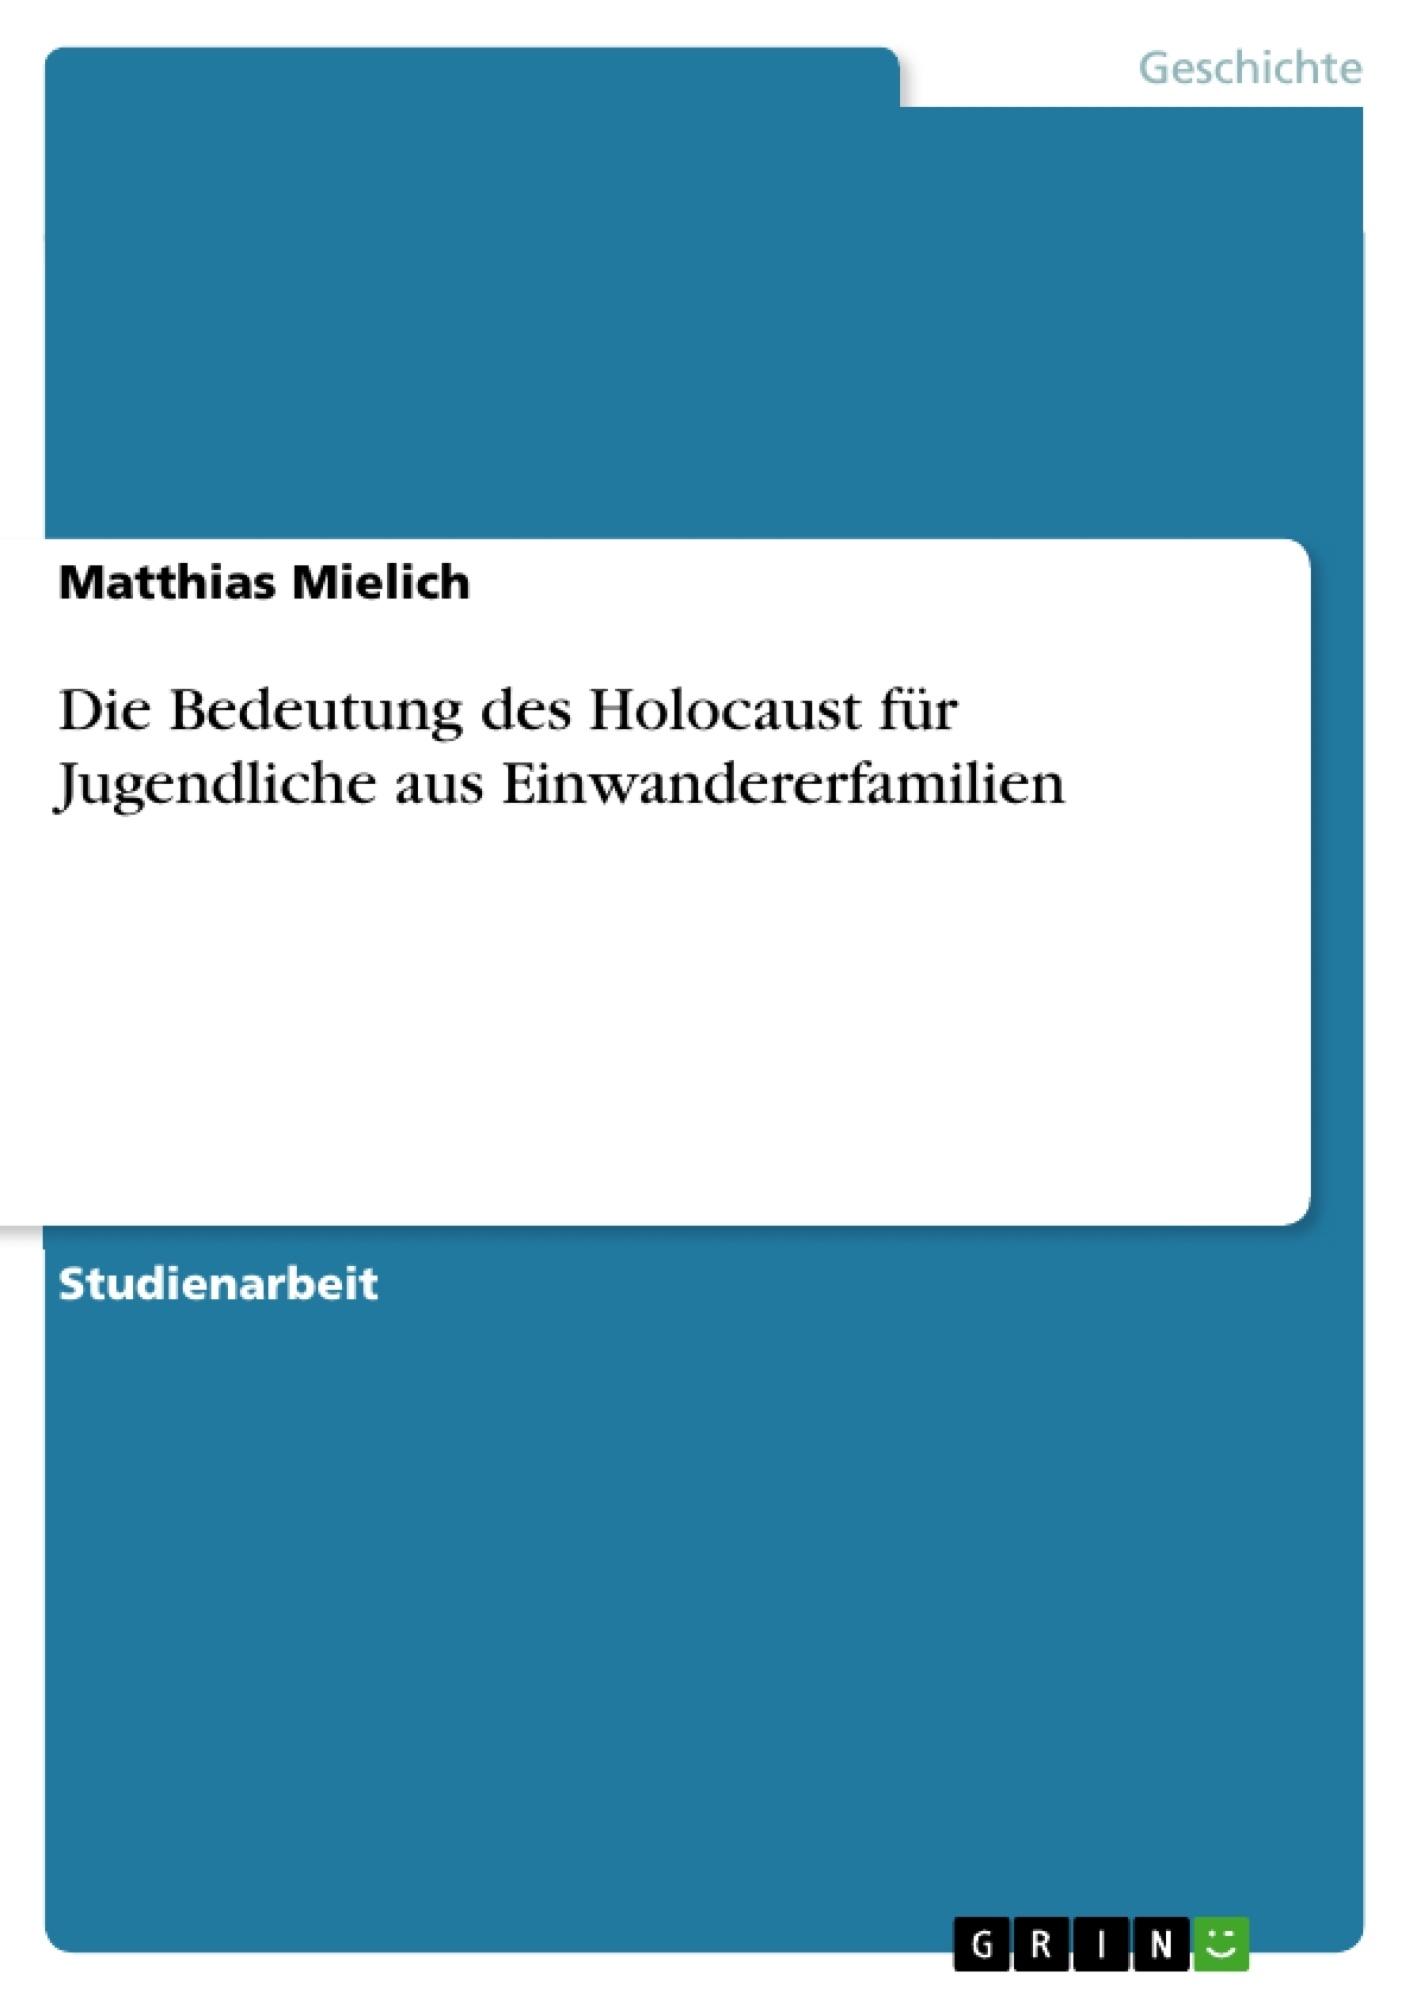 Titel: Die Bedeutung des Holocaust für Jugendliche aus Einwandererfamilien